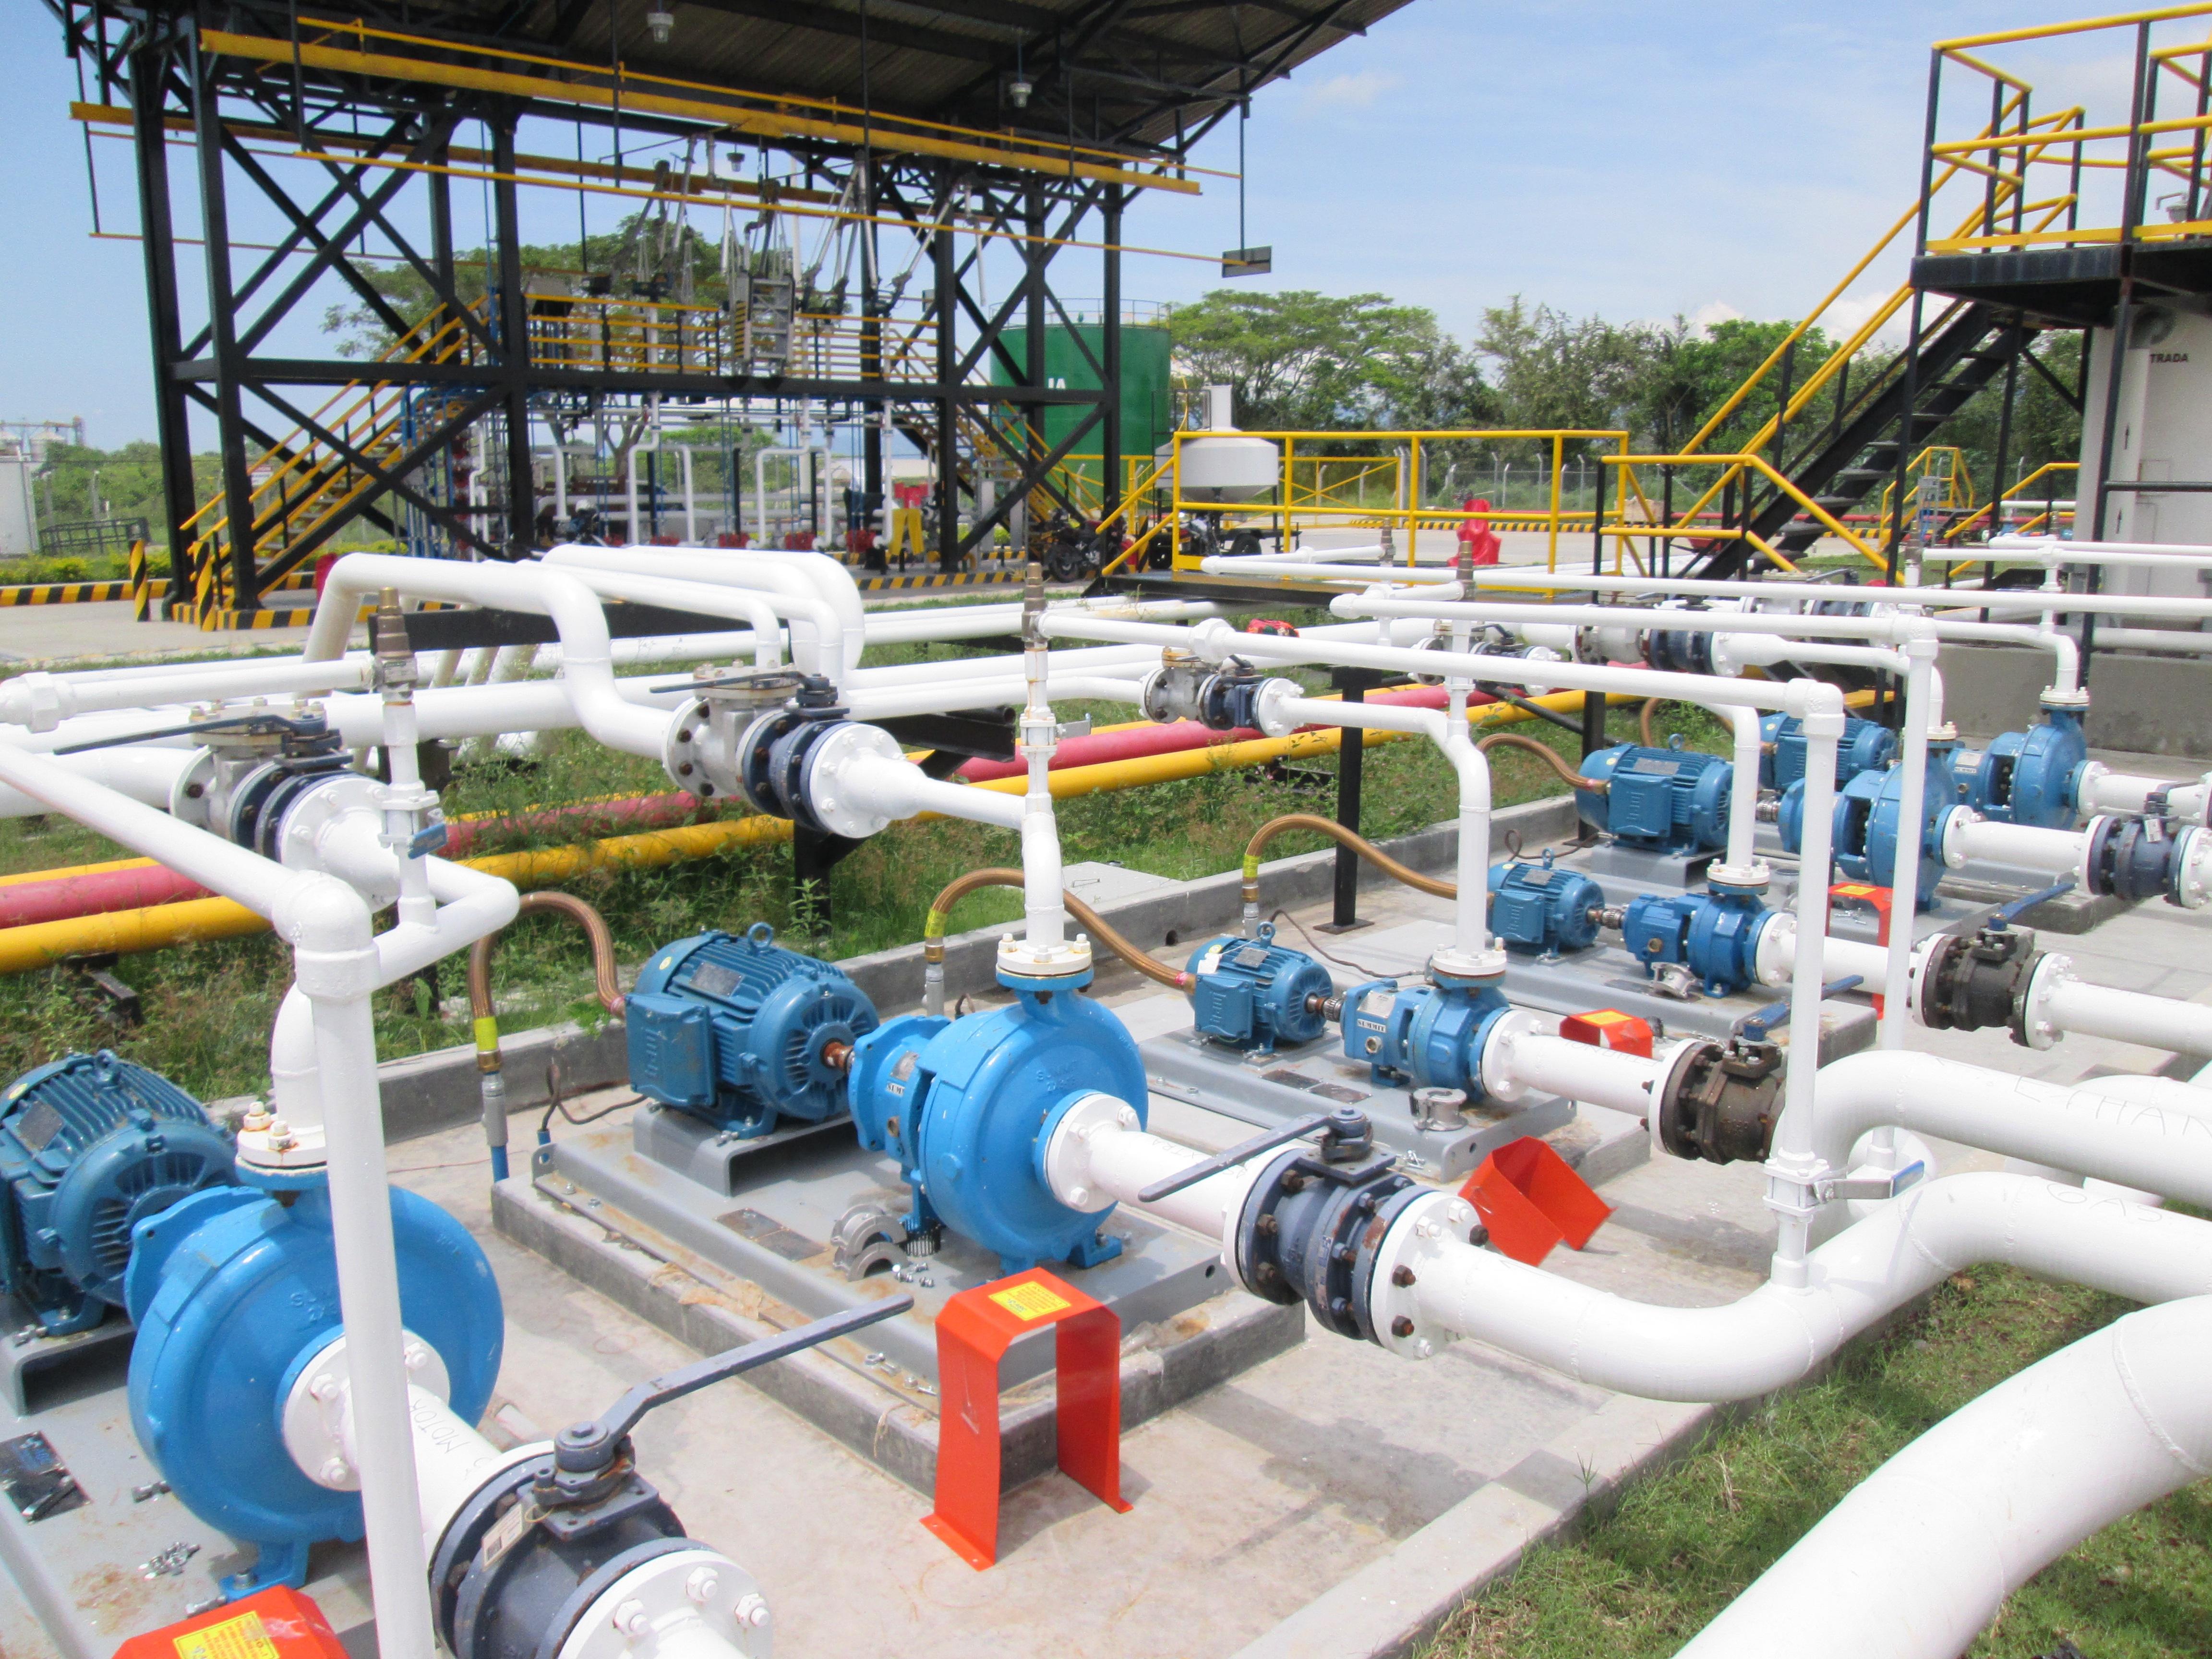 bombas Summit bombeo de combustible JET planta Cartago